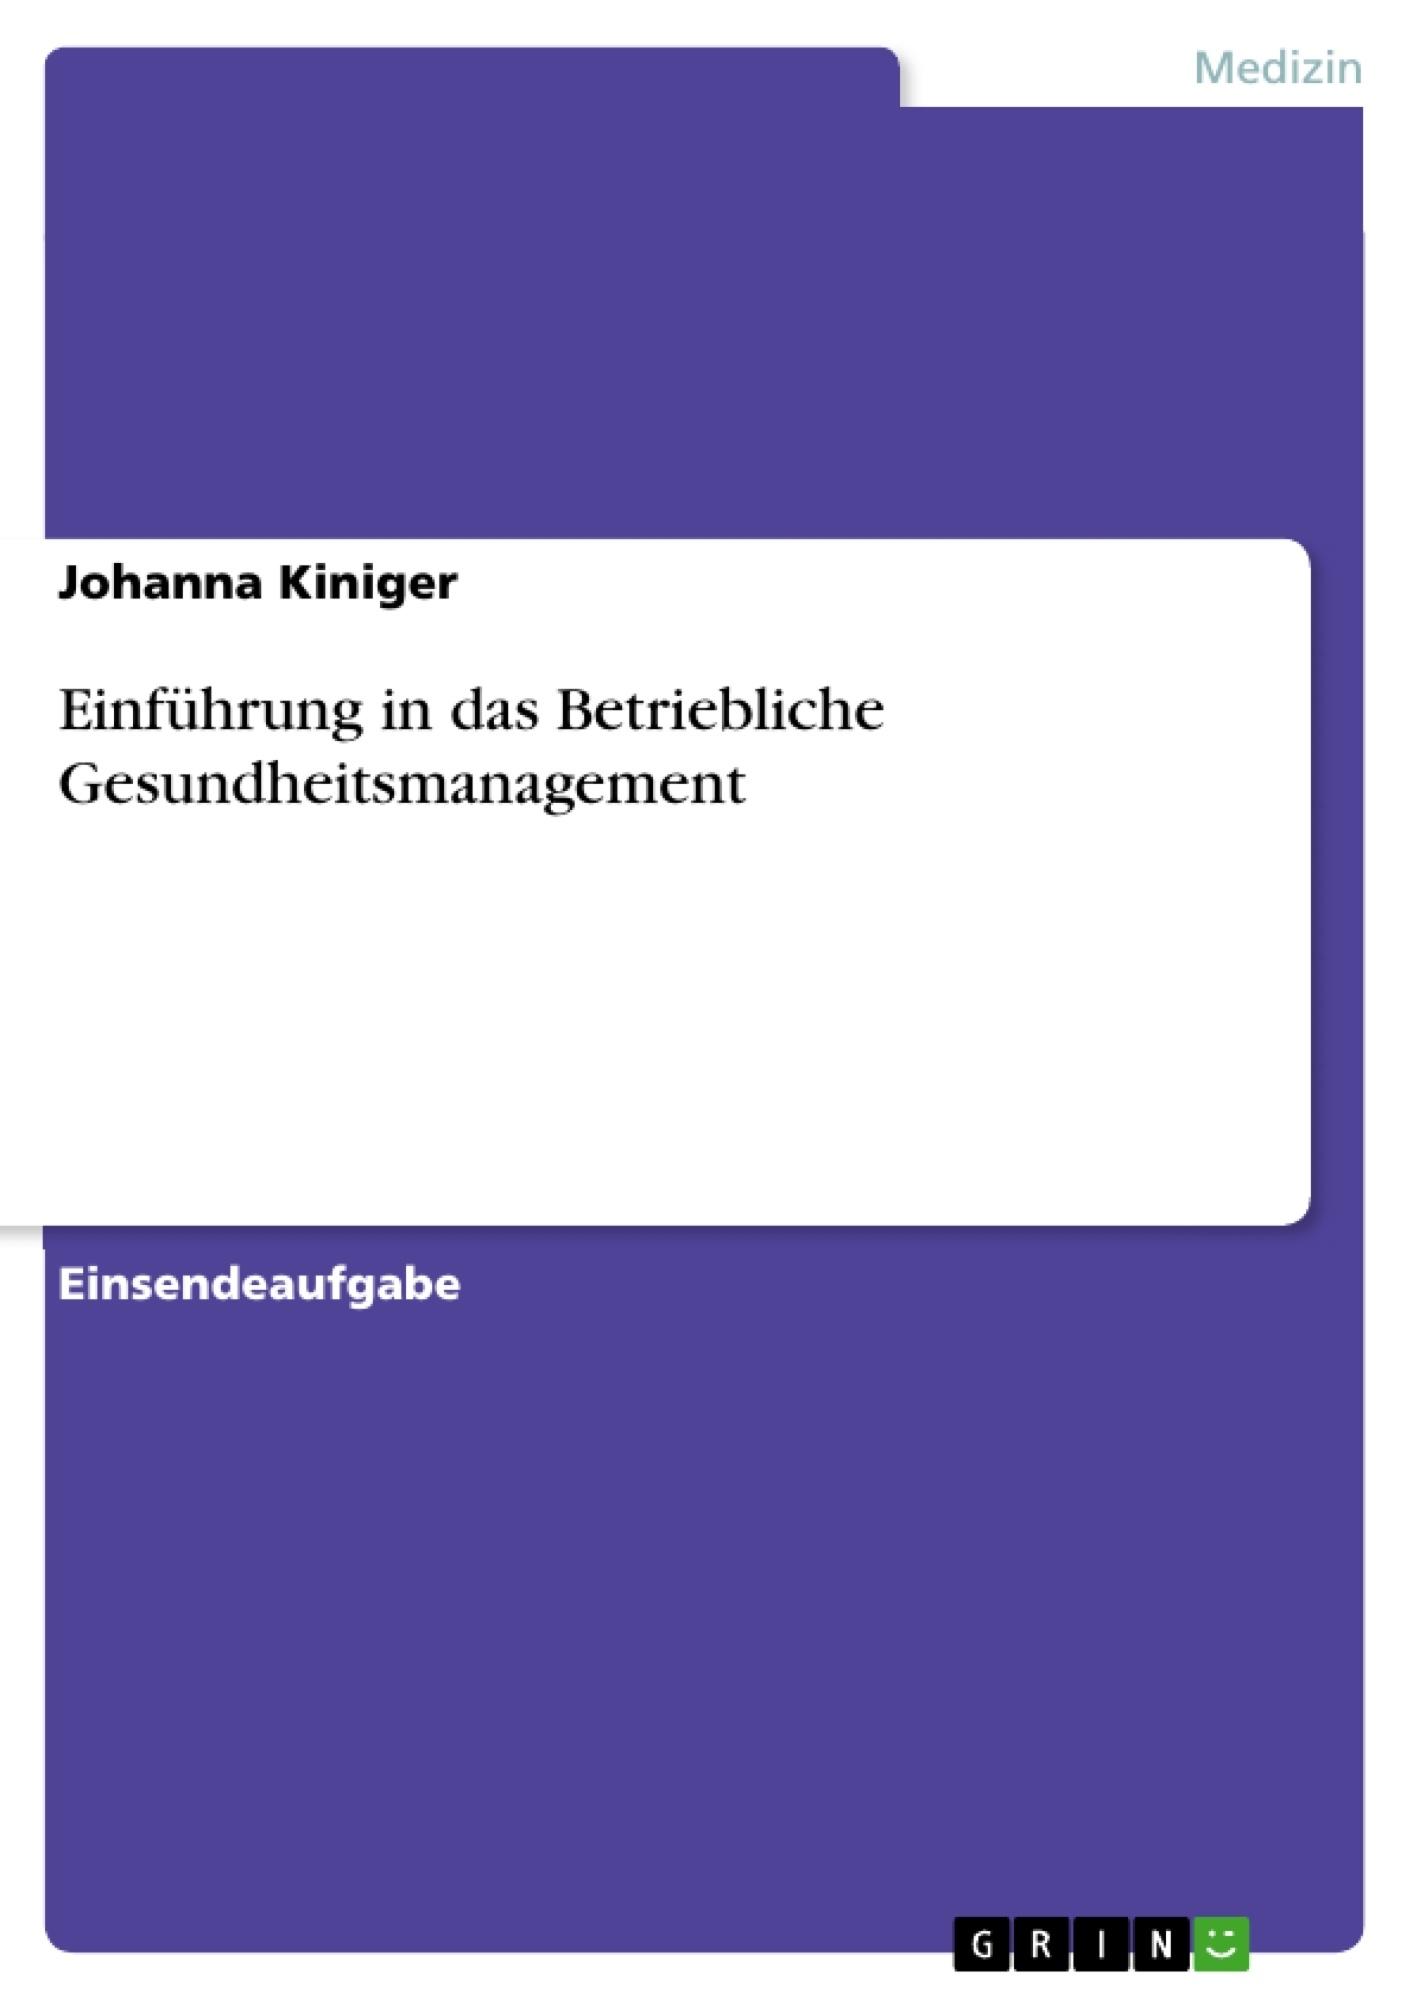 Titel: Einführung in das Betriebliche Gesundheitsmanagement